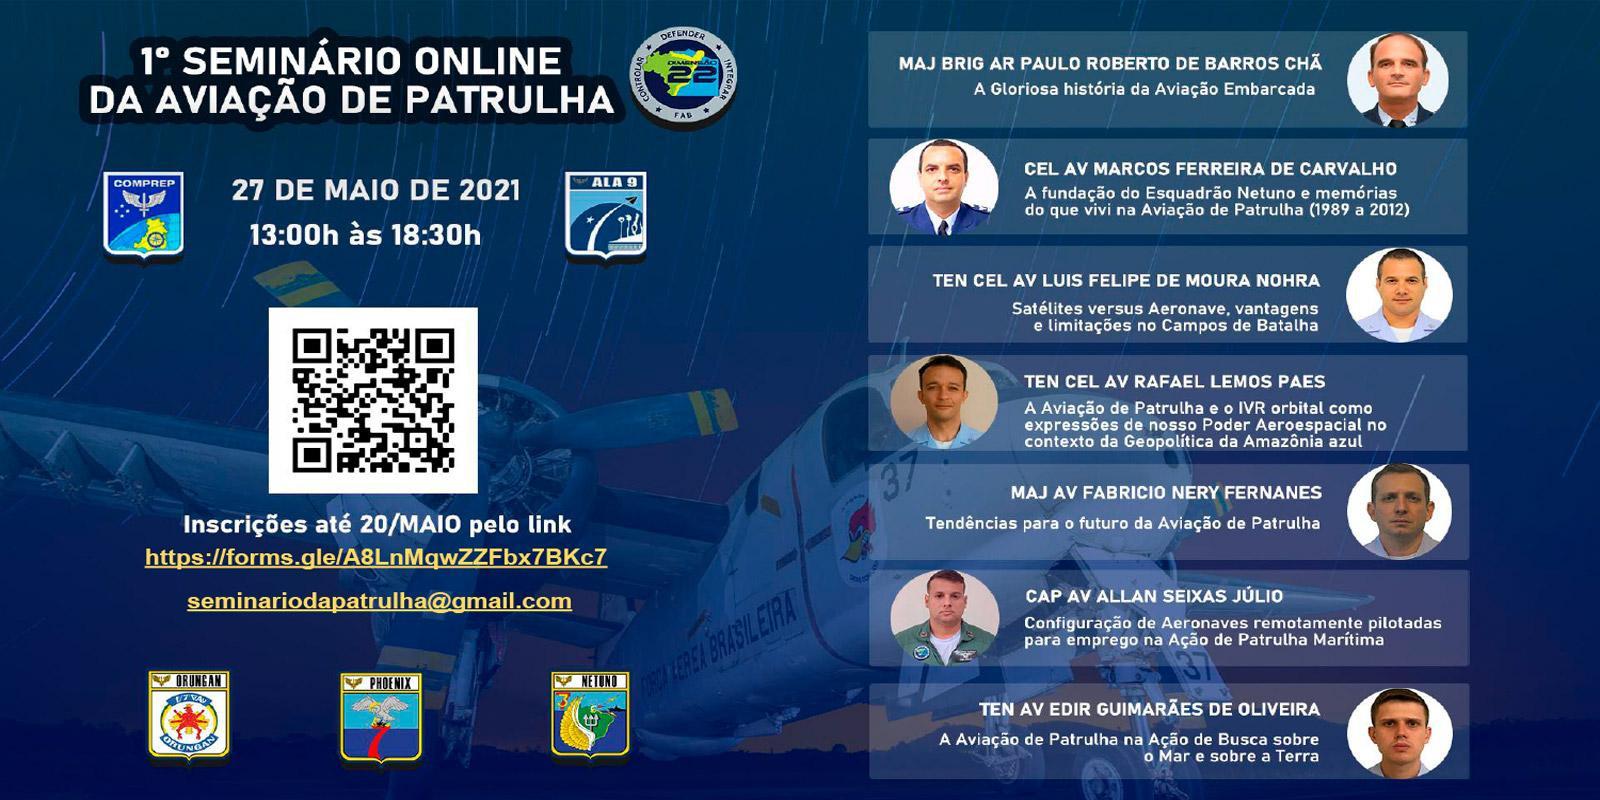 1º Seminário Online da Aviação de Patrulha